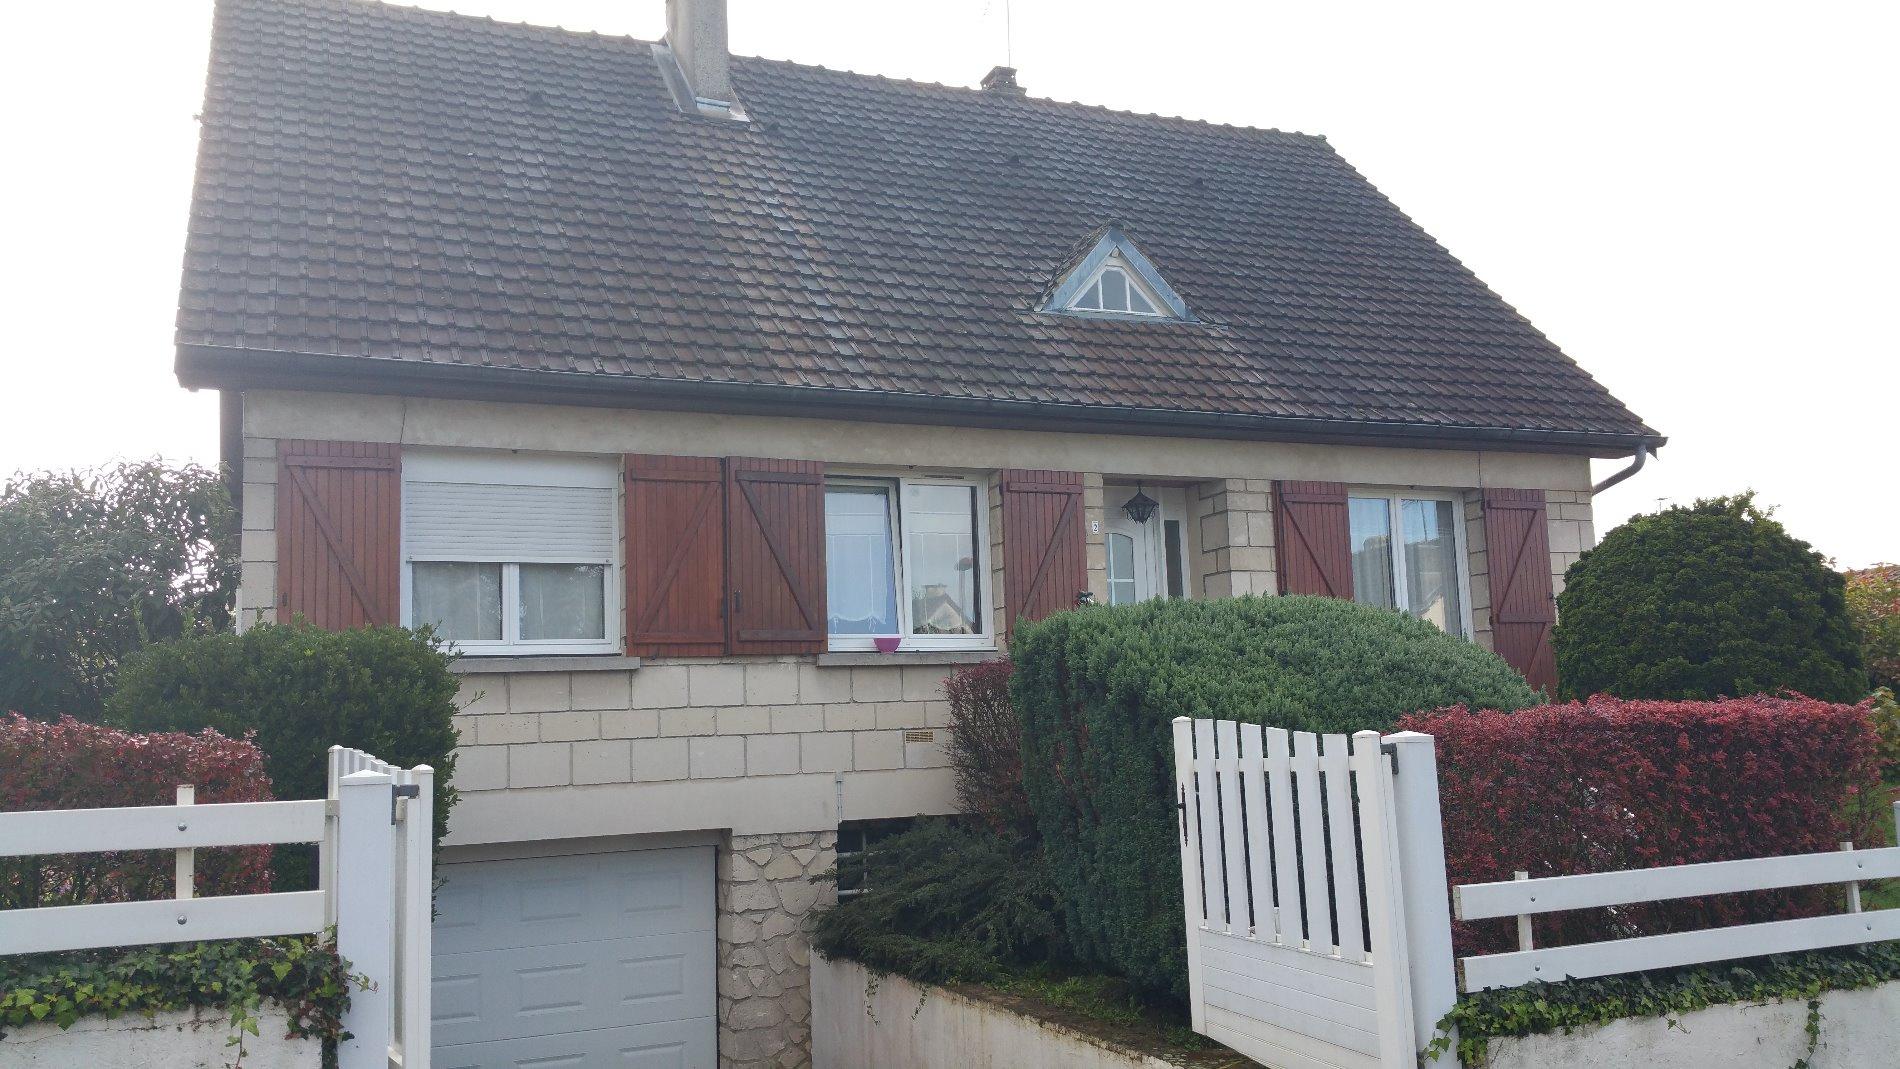 Annonce vente maison soissons 02200 130 m 169 000 for Maison soissons